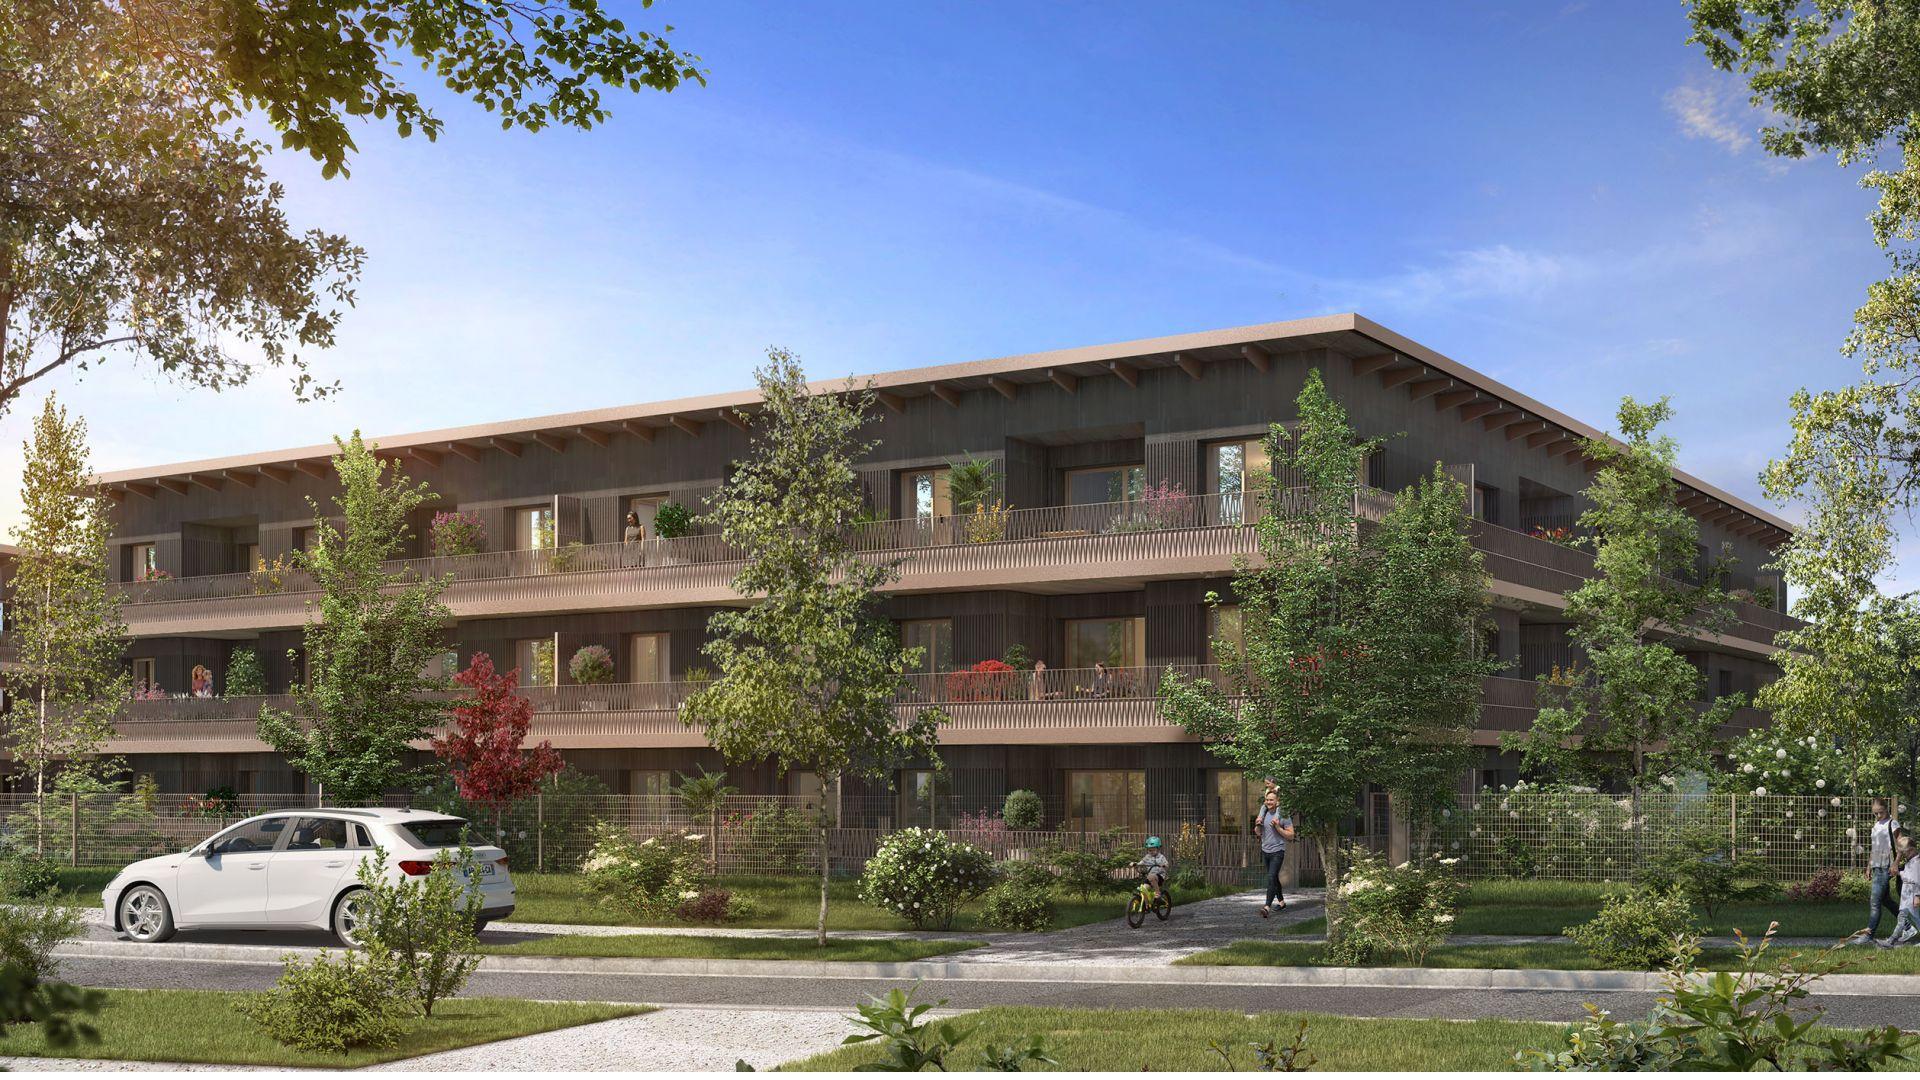 Greencity Immobilier - Résidence Carré Flore - 31700 Cornebarrieu - achat immobilier neuf - appartements et villas  du T2 au T5